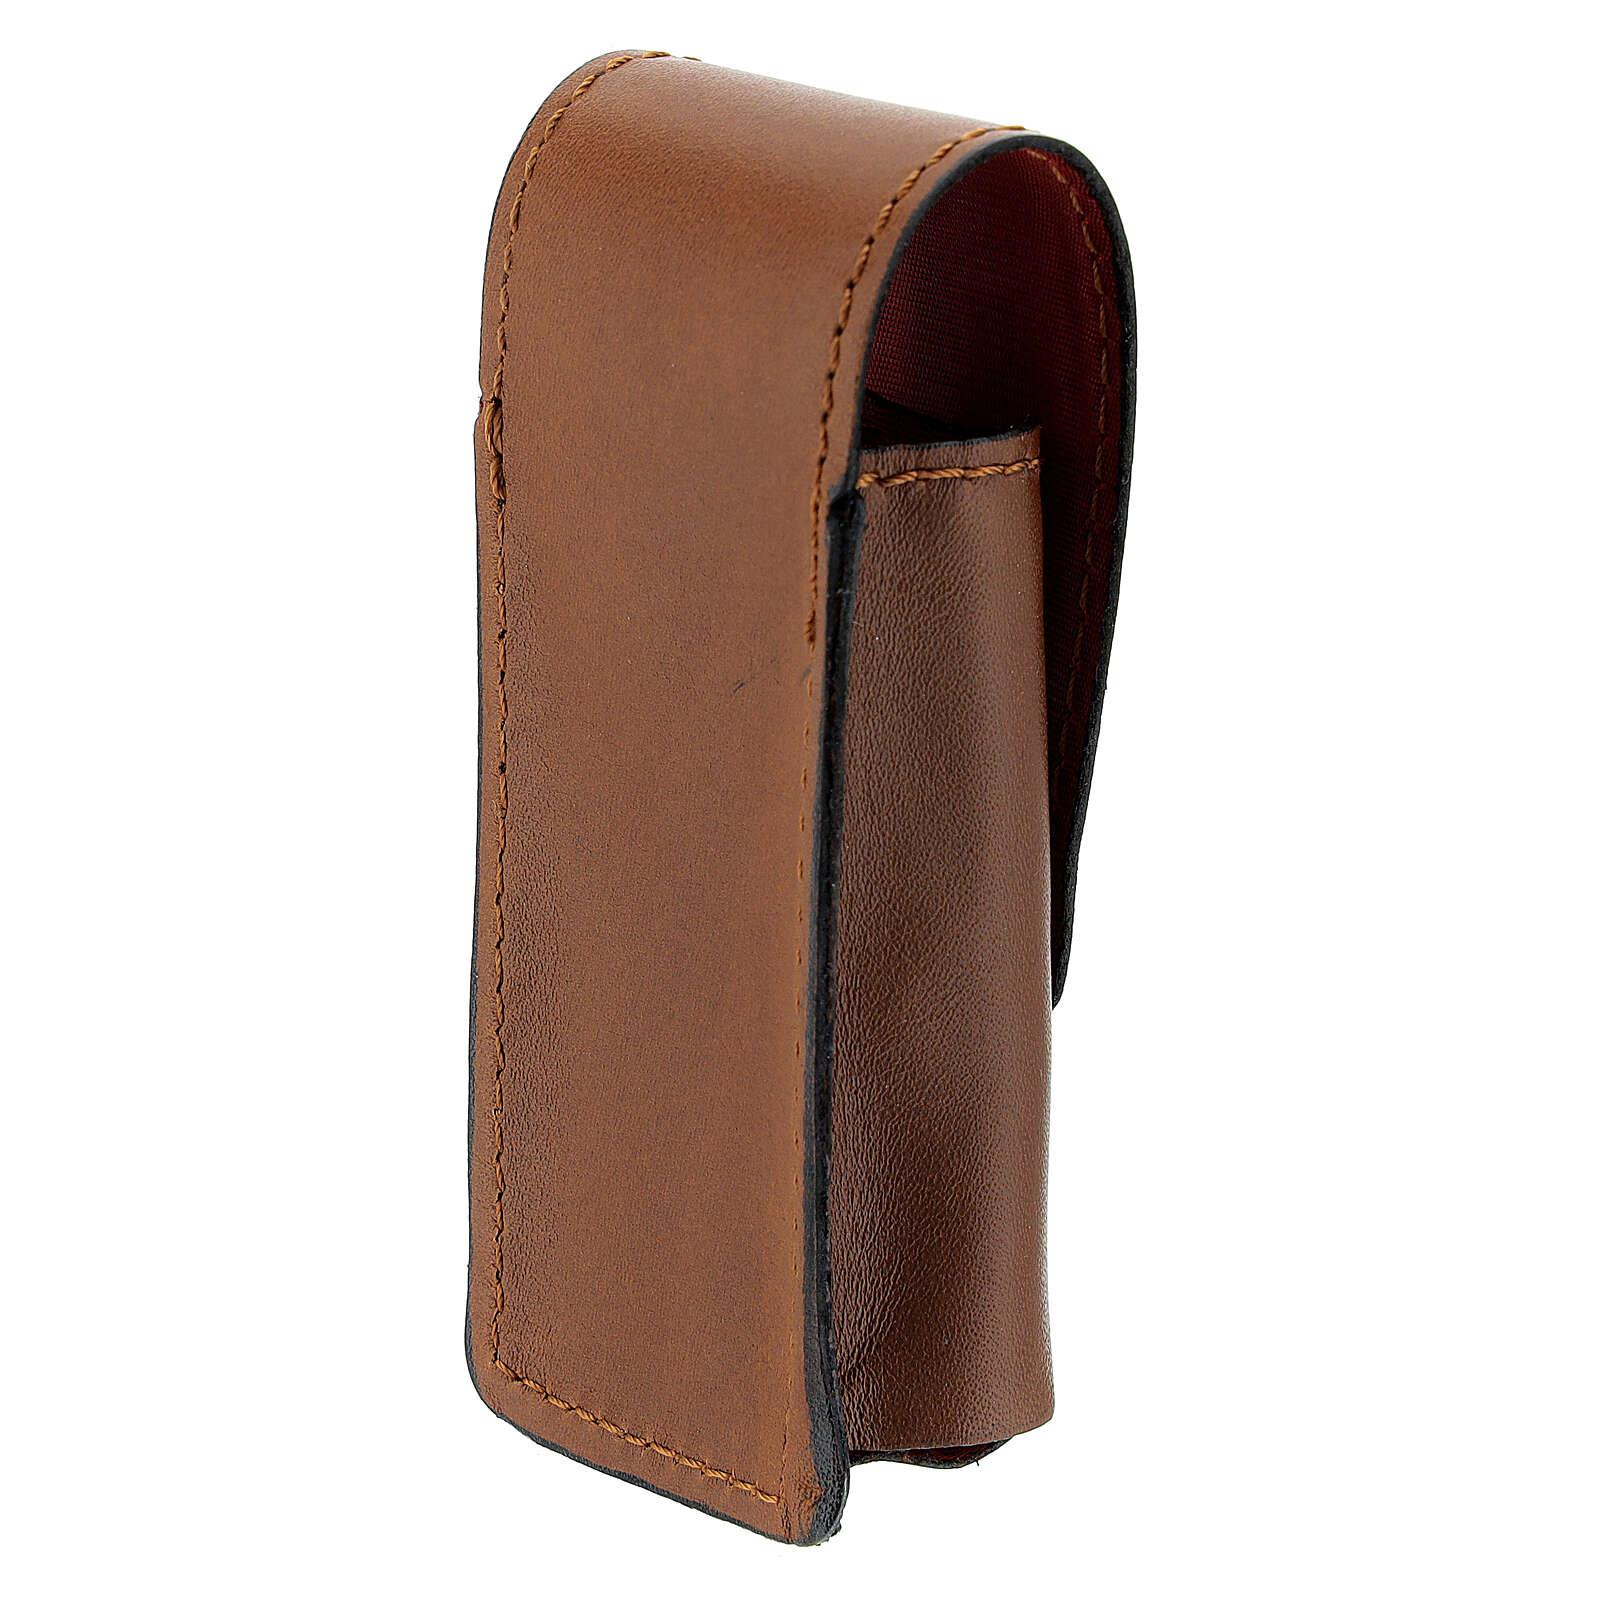 Étui pour goupillon 9 cm cuir véritable marron 3